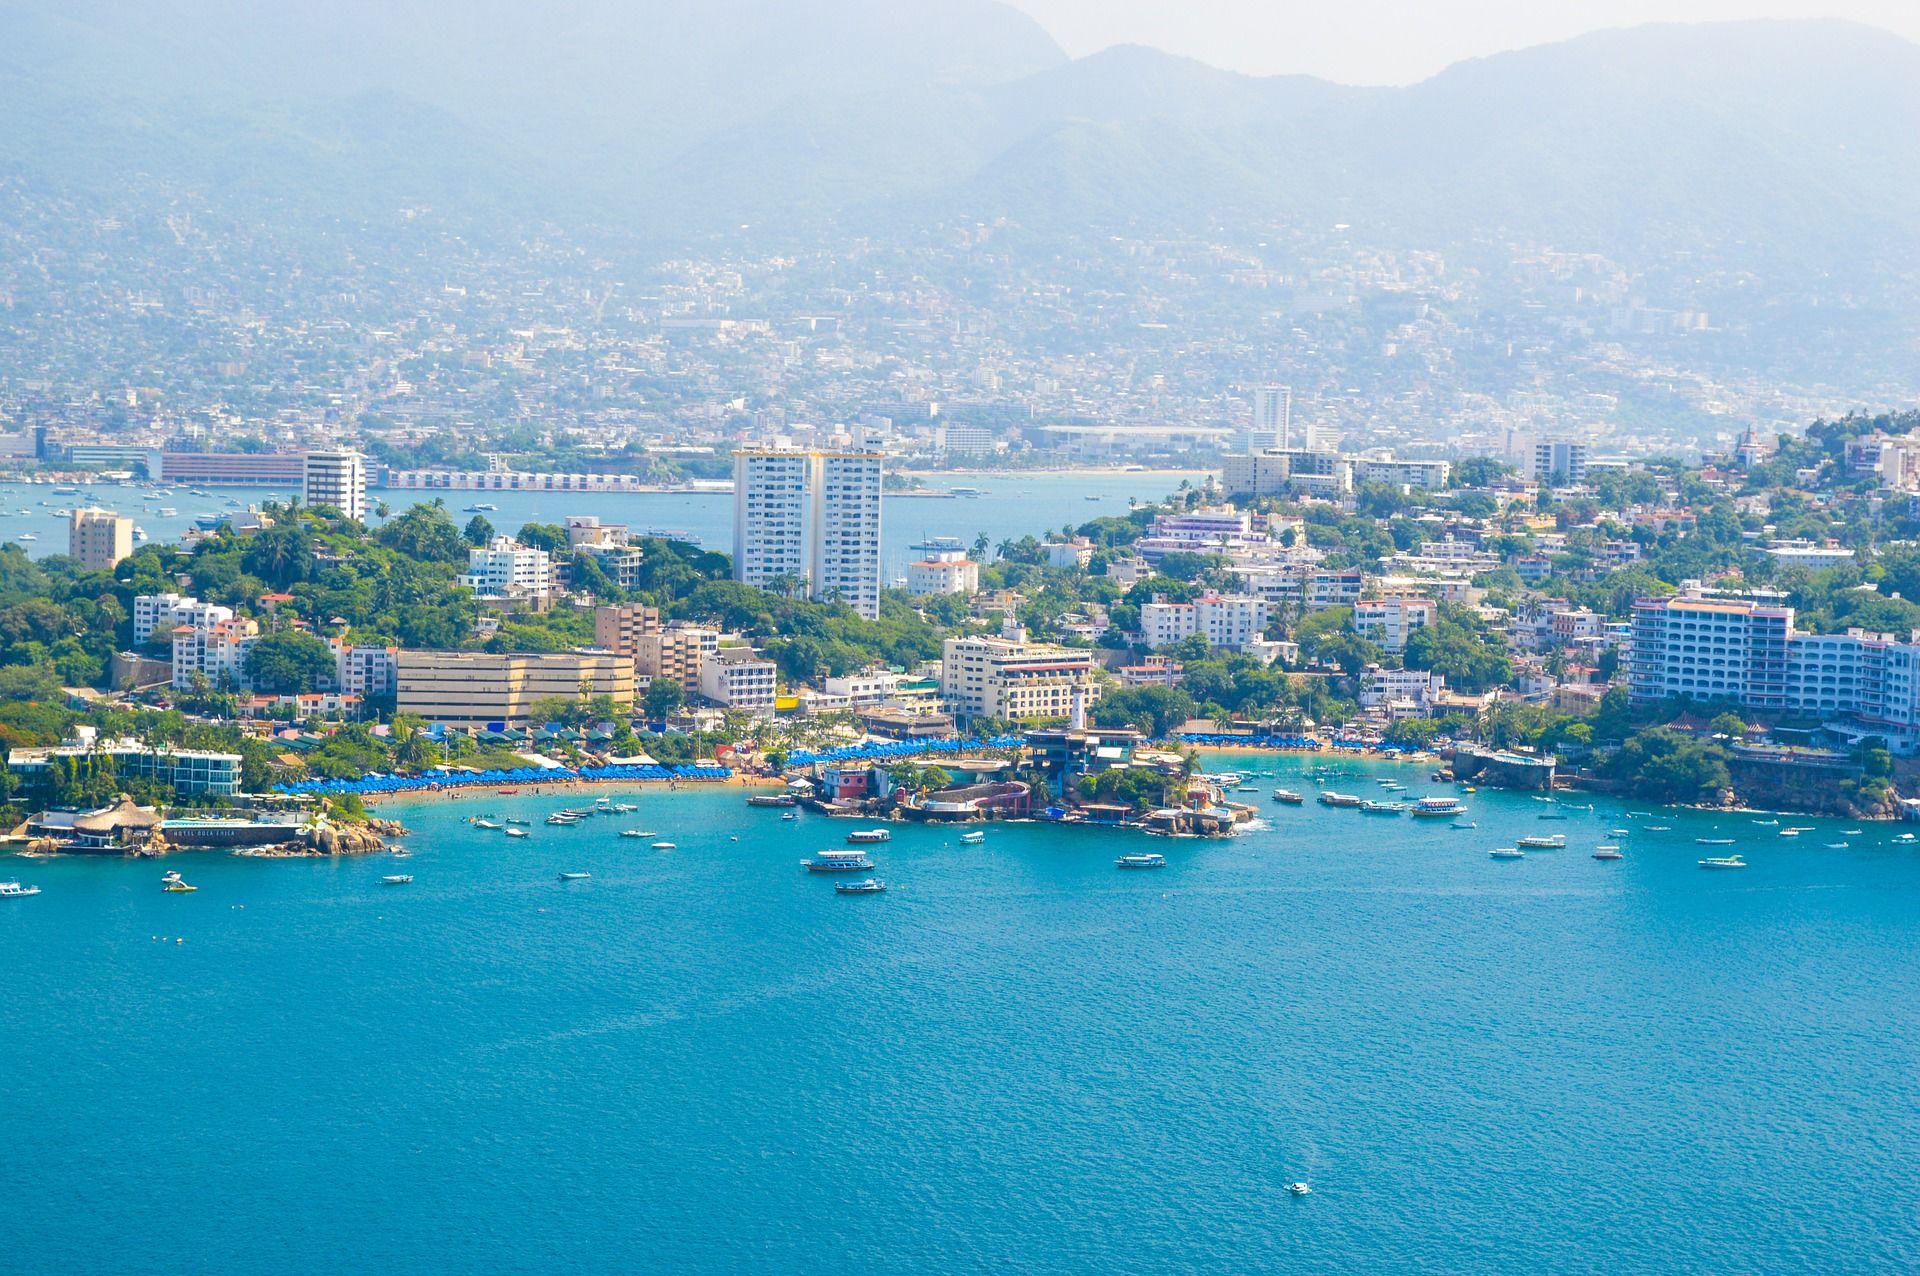 Acapulco je pořád pro Mexičany z hlavního města nejbližší pláží a místem, kde si užít nočního života